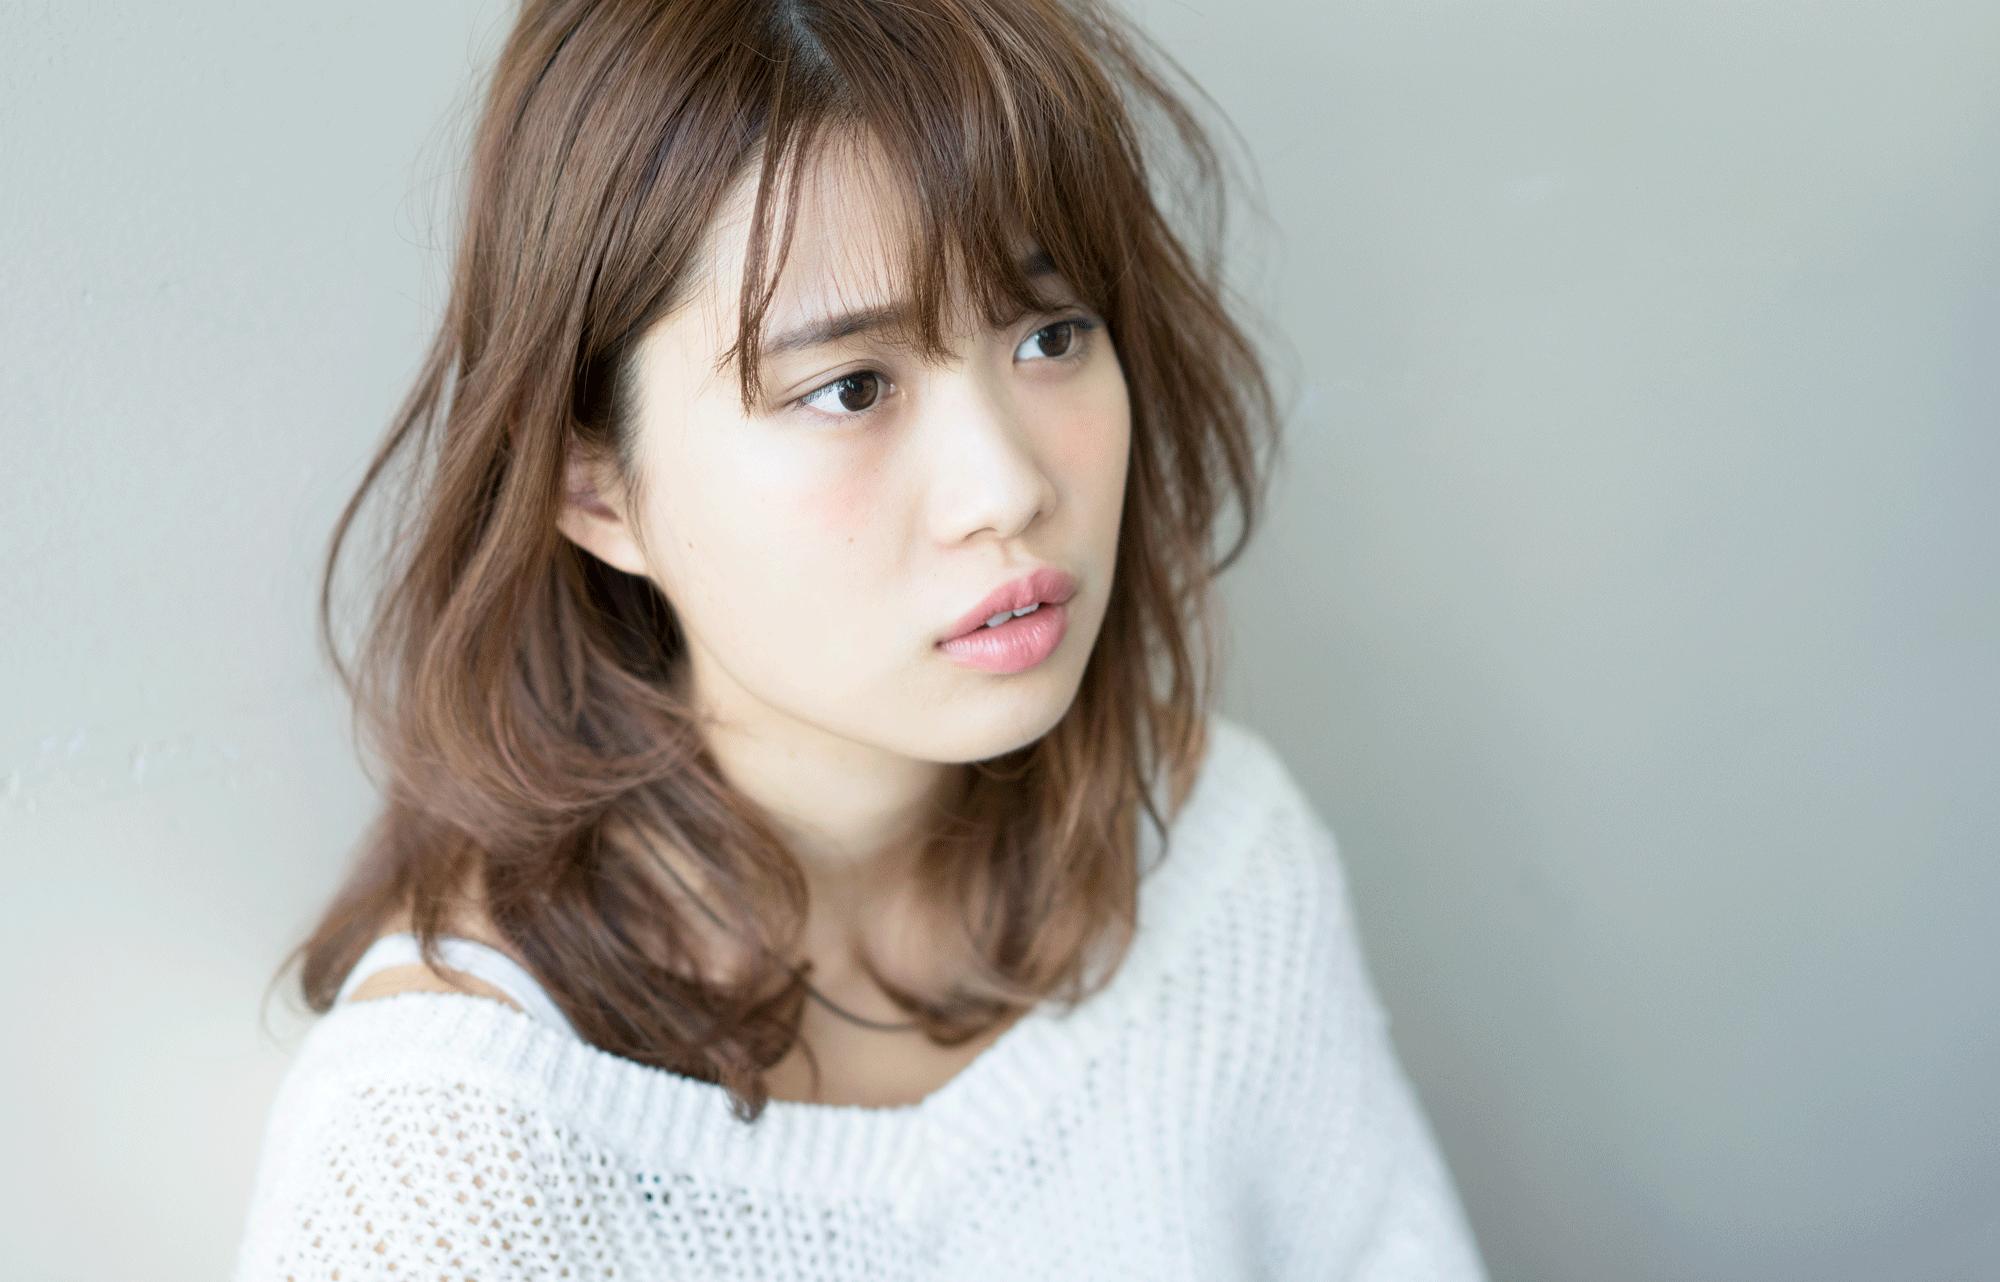 リラックス&ヘルシー♡ゆるふわウェーブミディ